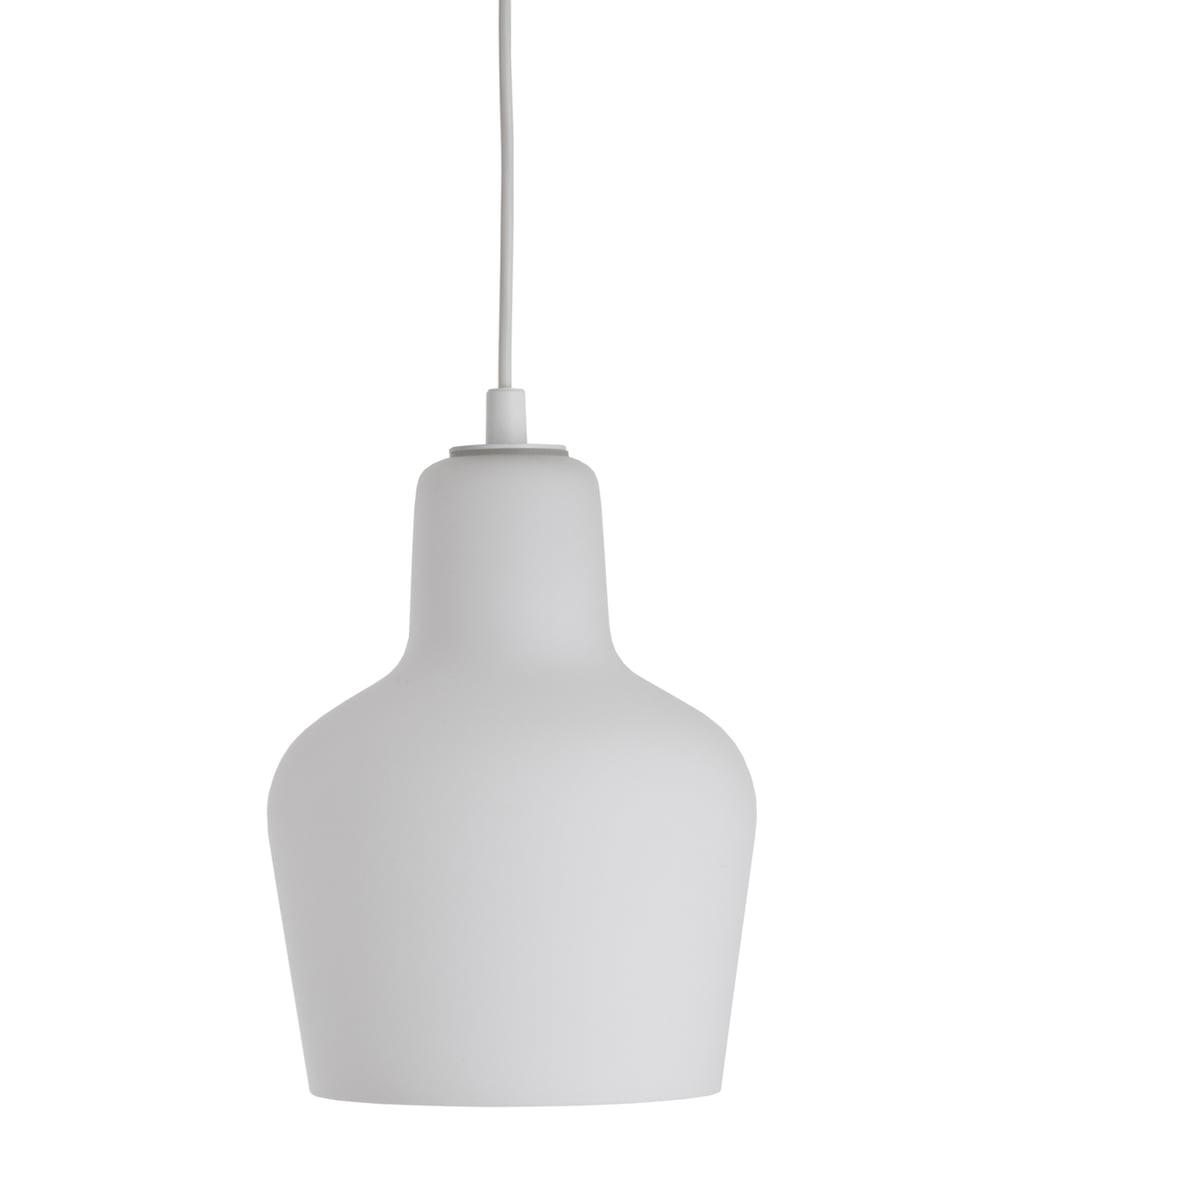 artek lighting. Artek - Pendant Lamp A 440 Lighting T